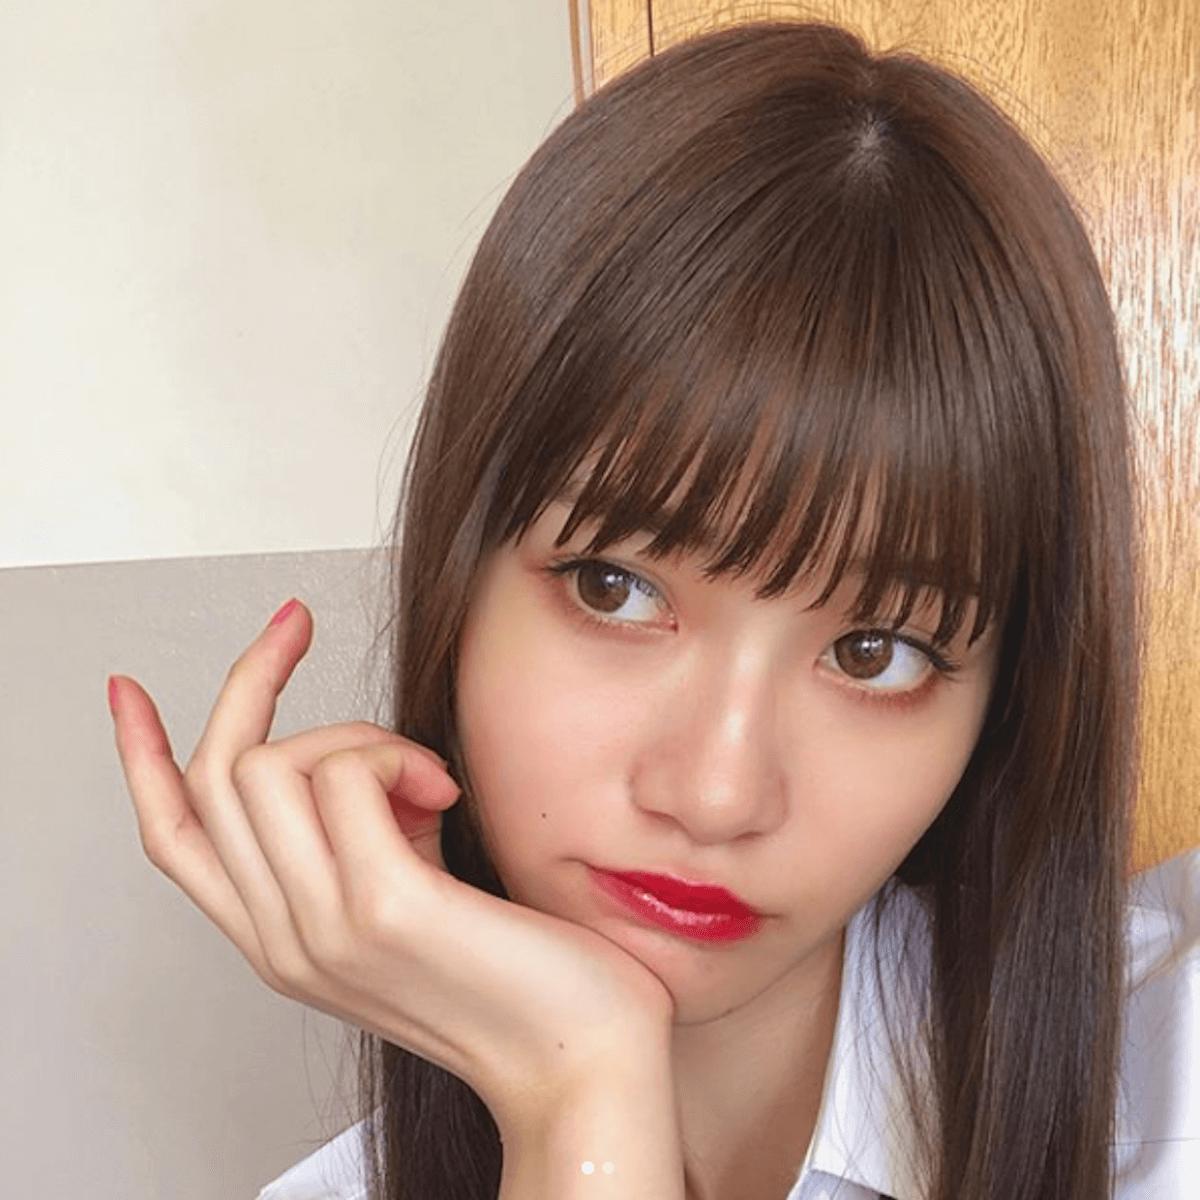 16歳の美少女モデル・生見愛瑠、恋愛番組出演に心配の声。オオカミに騙されないで! life180621_merunukumi_011-1200x1200